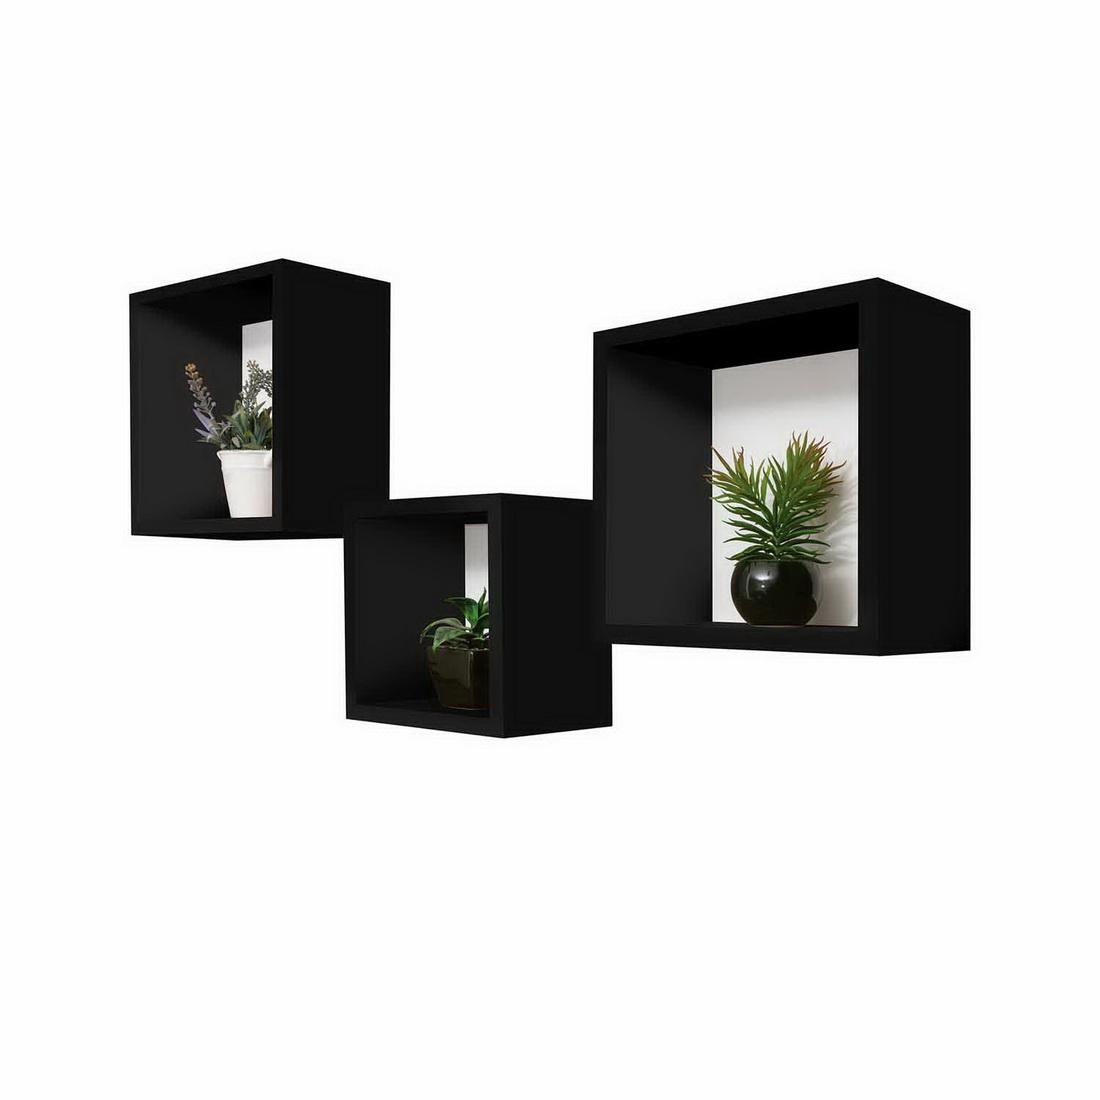 3 in 1 Cubeline Set Floating Shelves Black